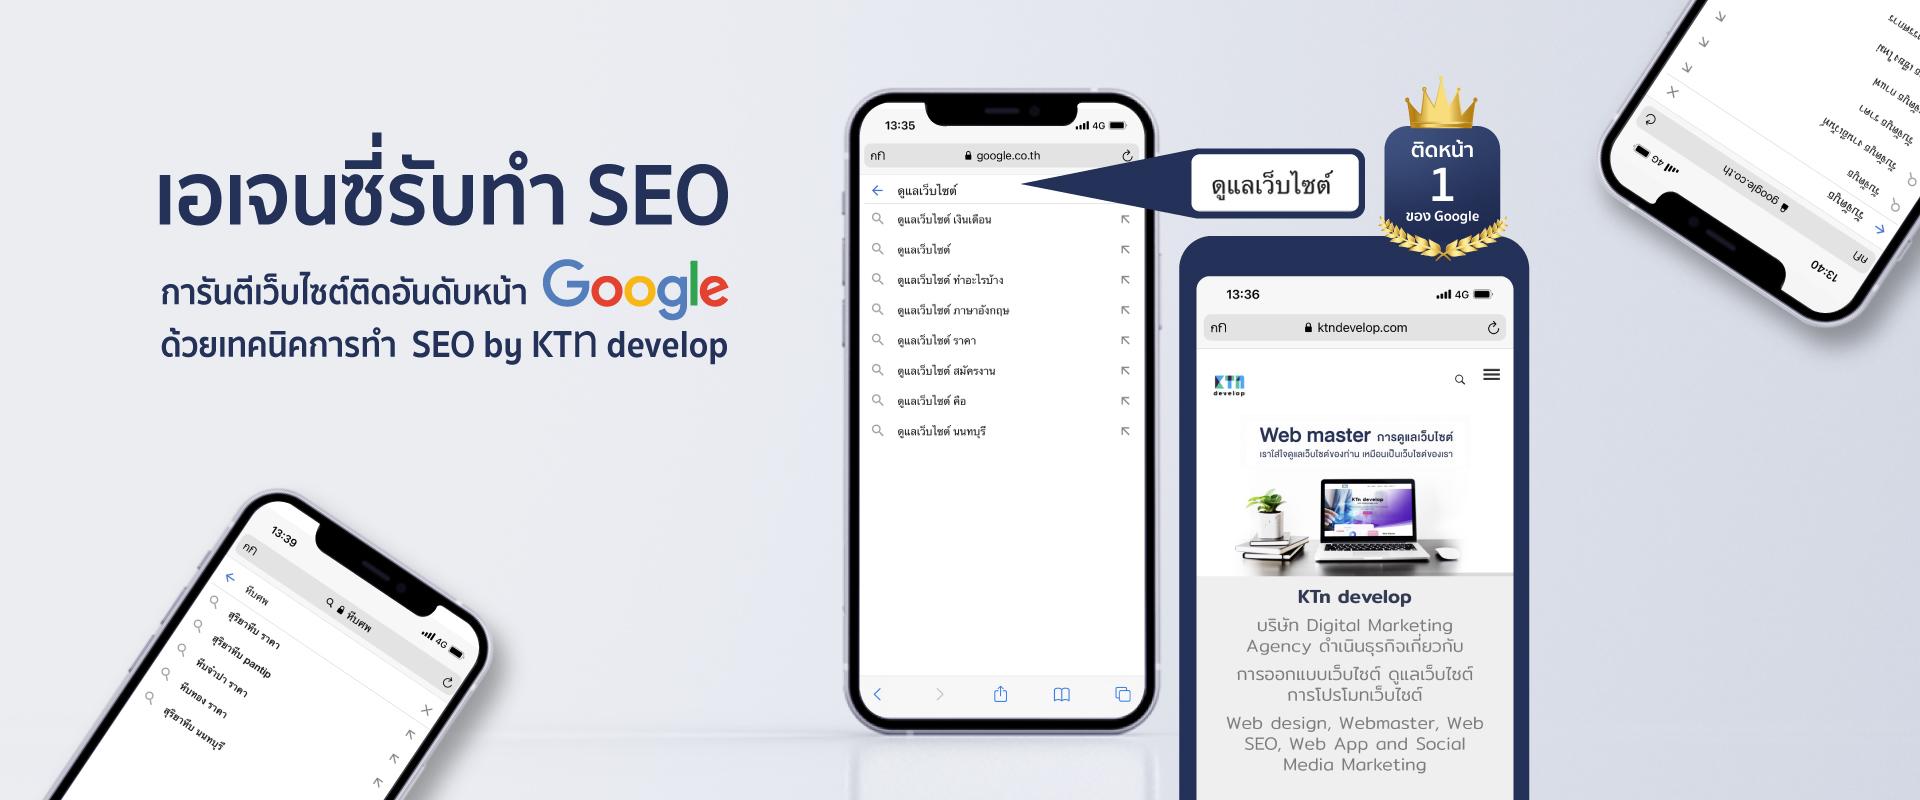 ktnรับทำ SEOให้ติดหน้าอันดับ Google รับดูแลseo